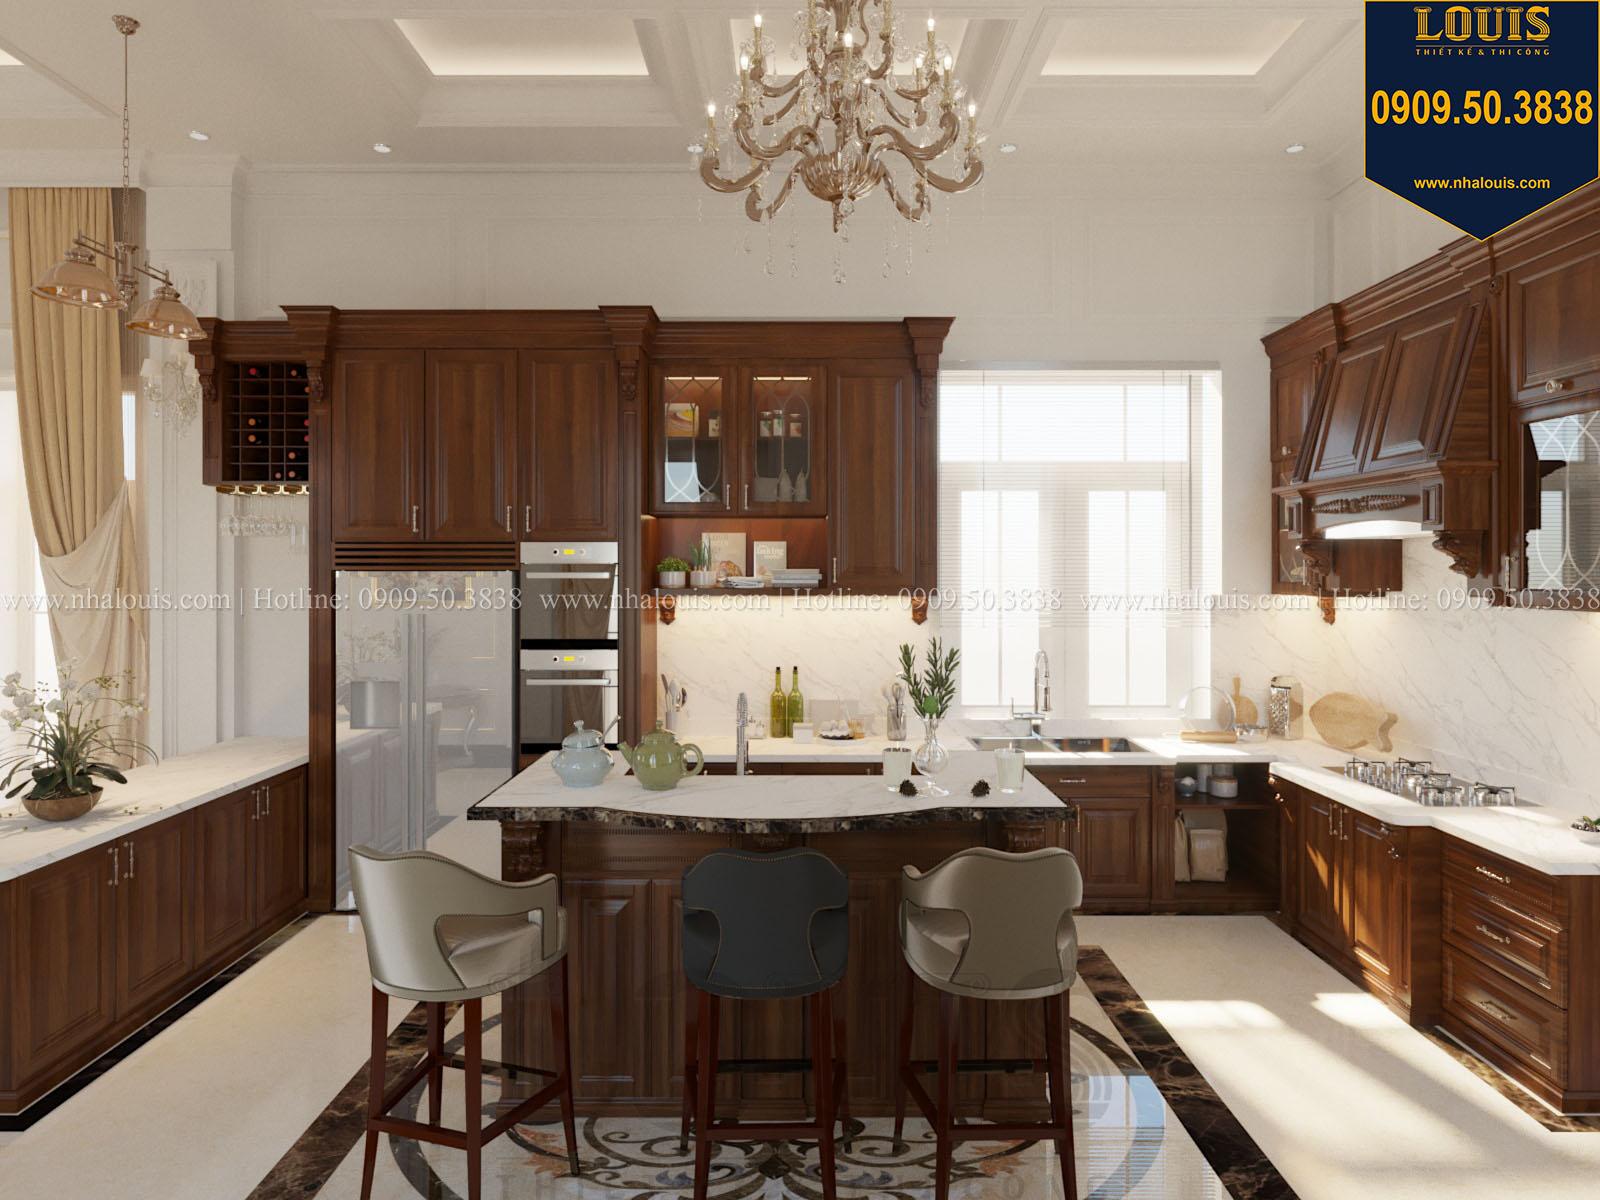 Phòng bếp với nội thất Ý